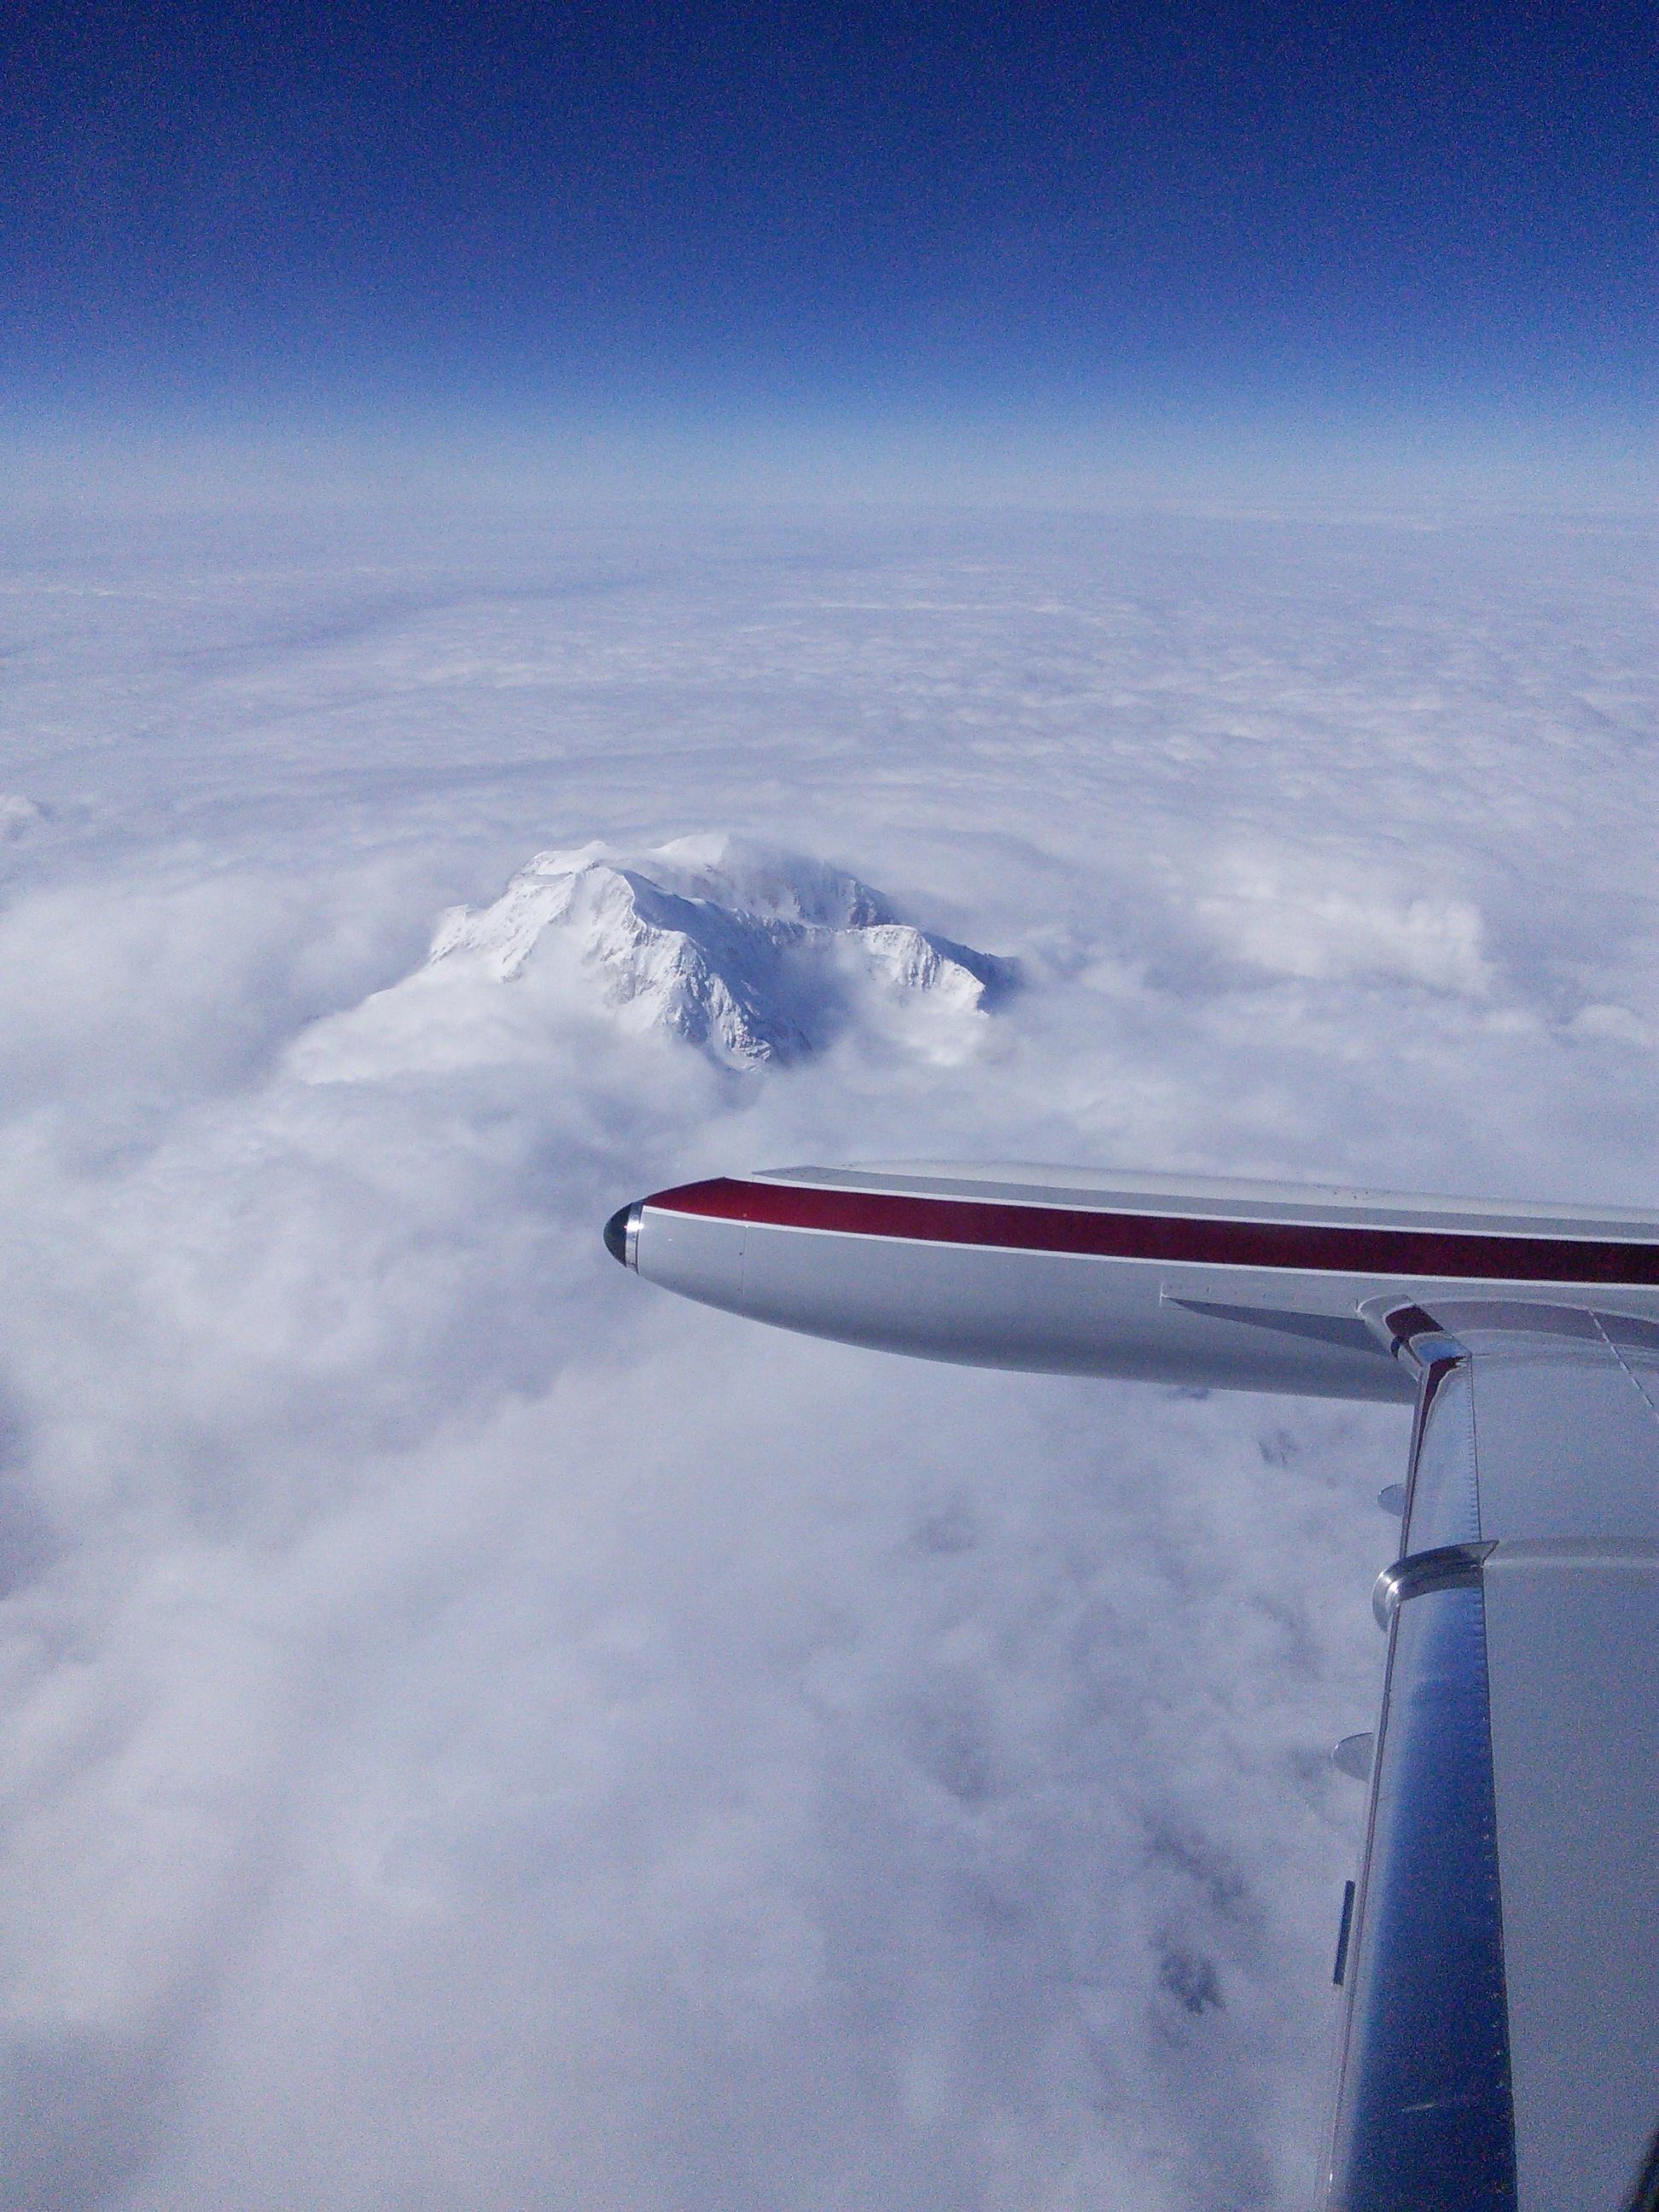 RVSM Mt. McKinley